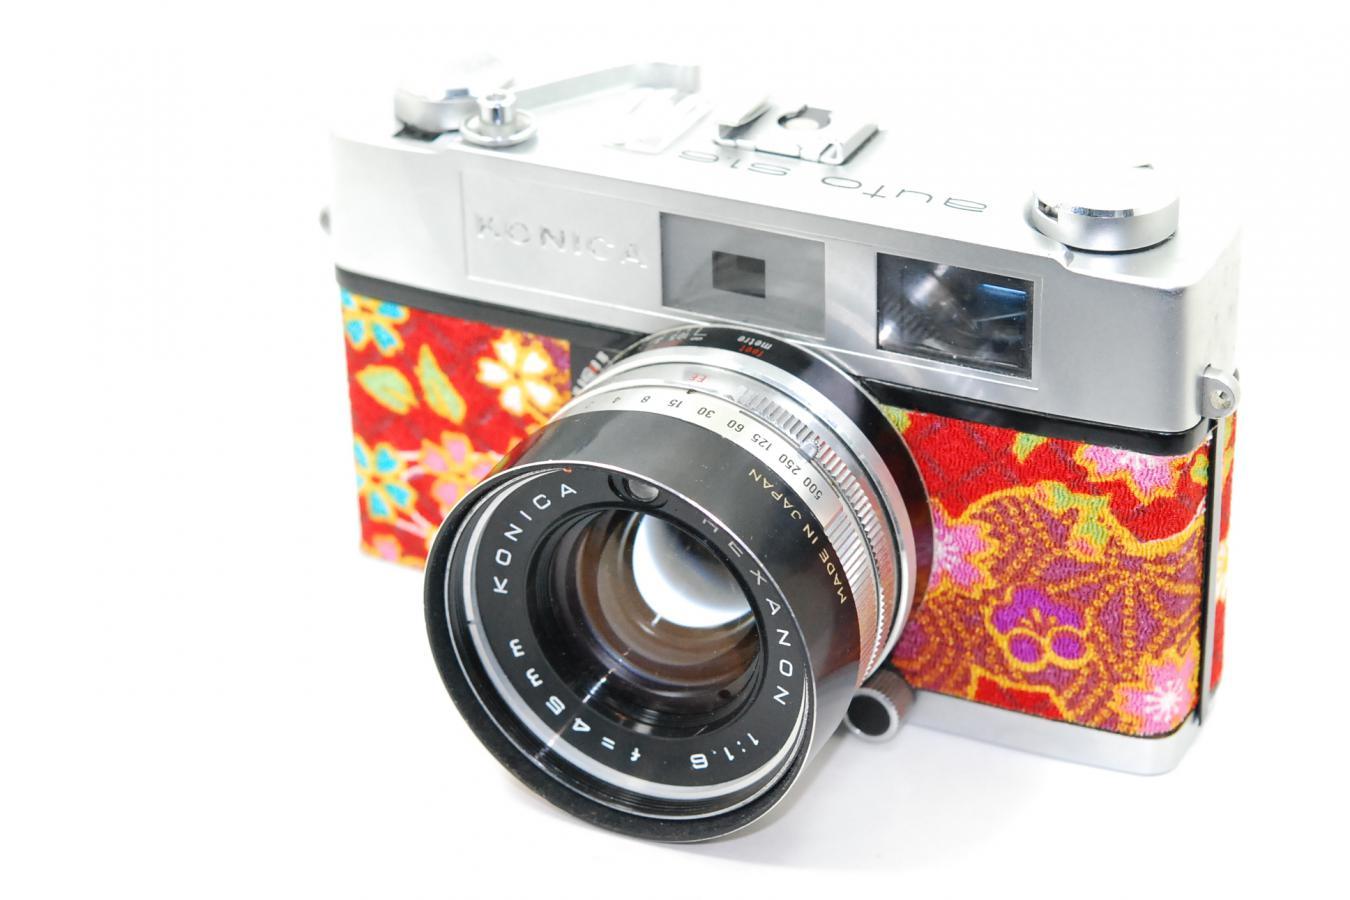 【リメイクカメラ】 KONICA auto S1.6 【HEXANON 45/1.6 レンズ搭載】